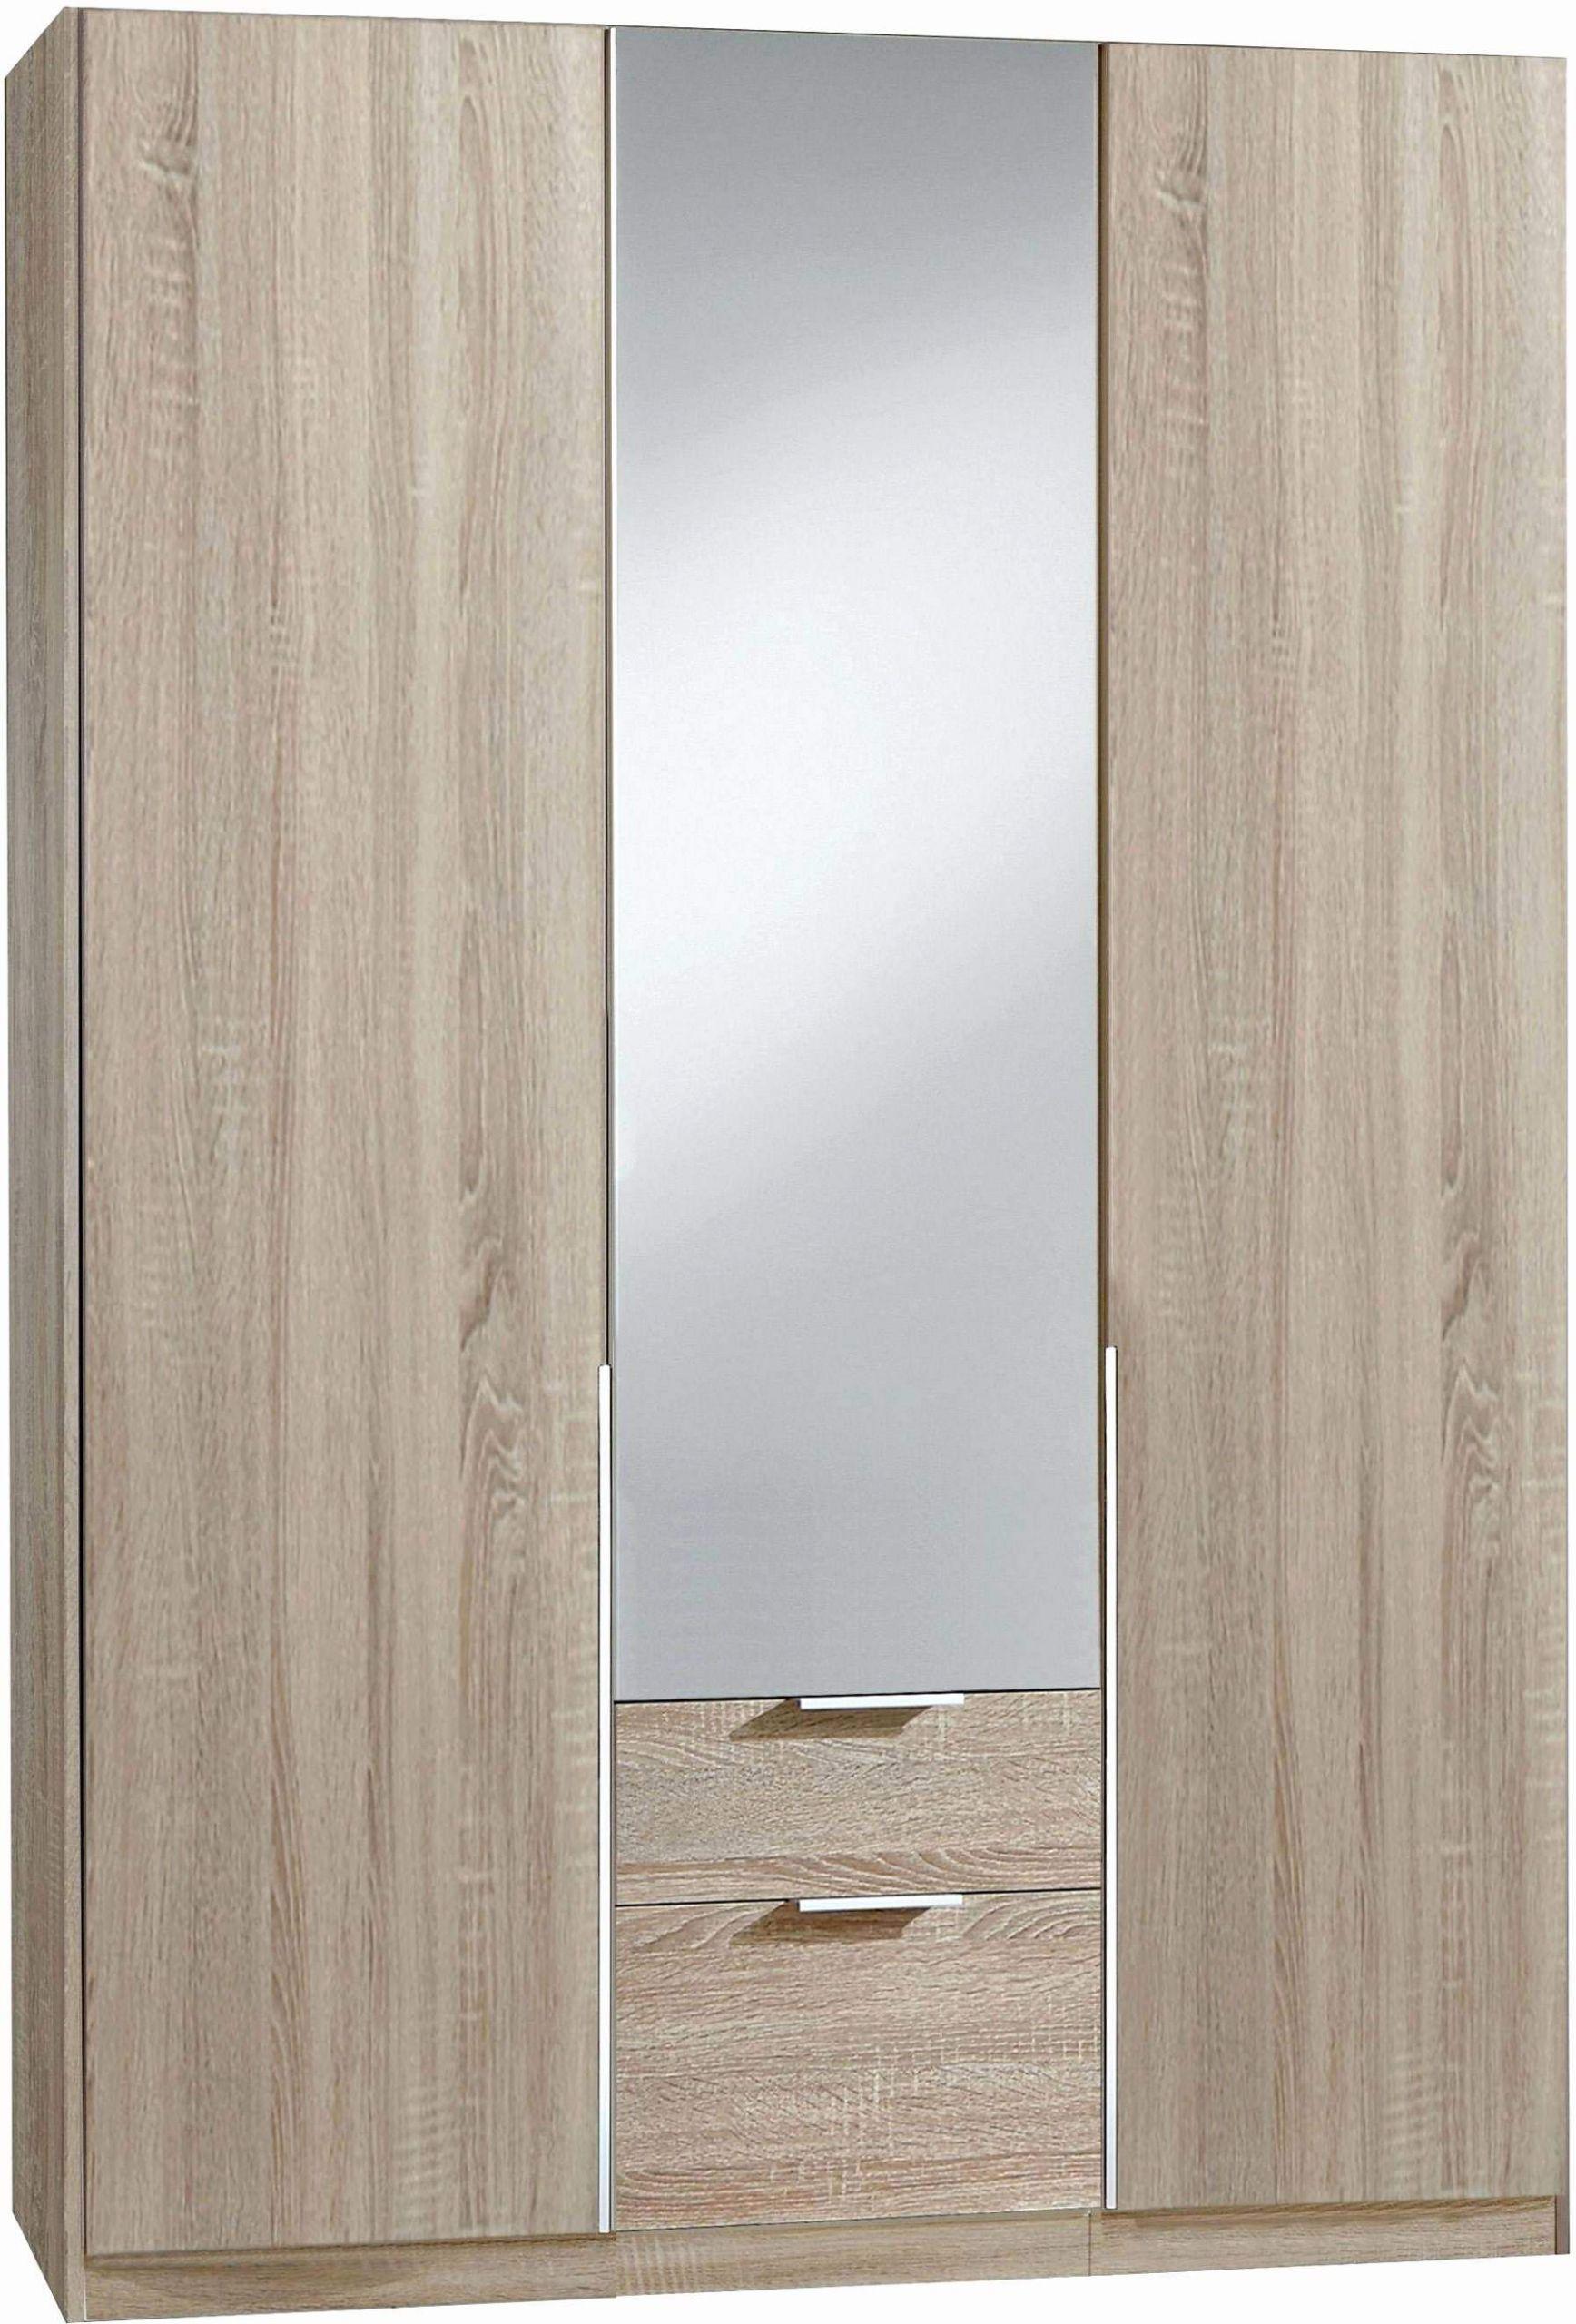 Full Size of Wohnzimmerschrank Design Wohnzimmerschrank Mit Led Wohnzimmerschränke Weiß Schrank Wohnzimmer Weiß Matt Wohnzimmer Schrank Wohnzimmer